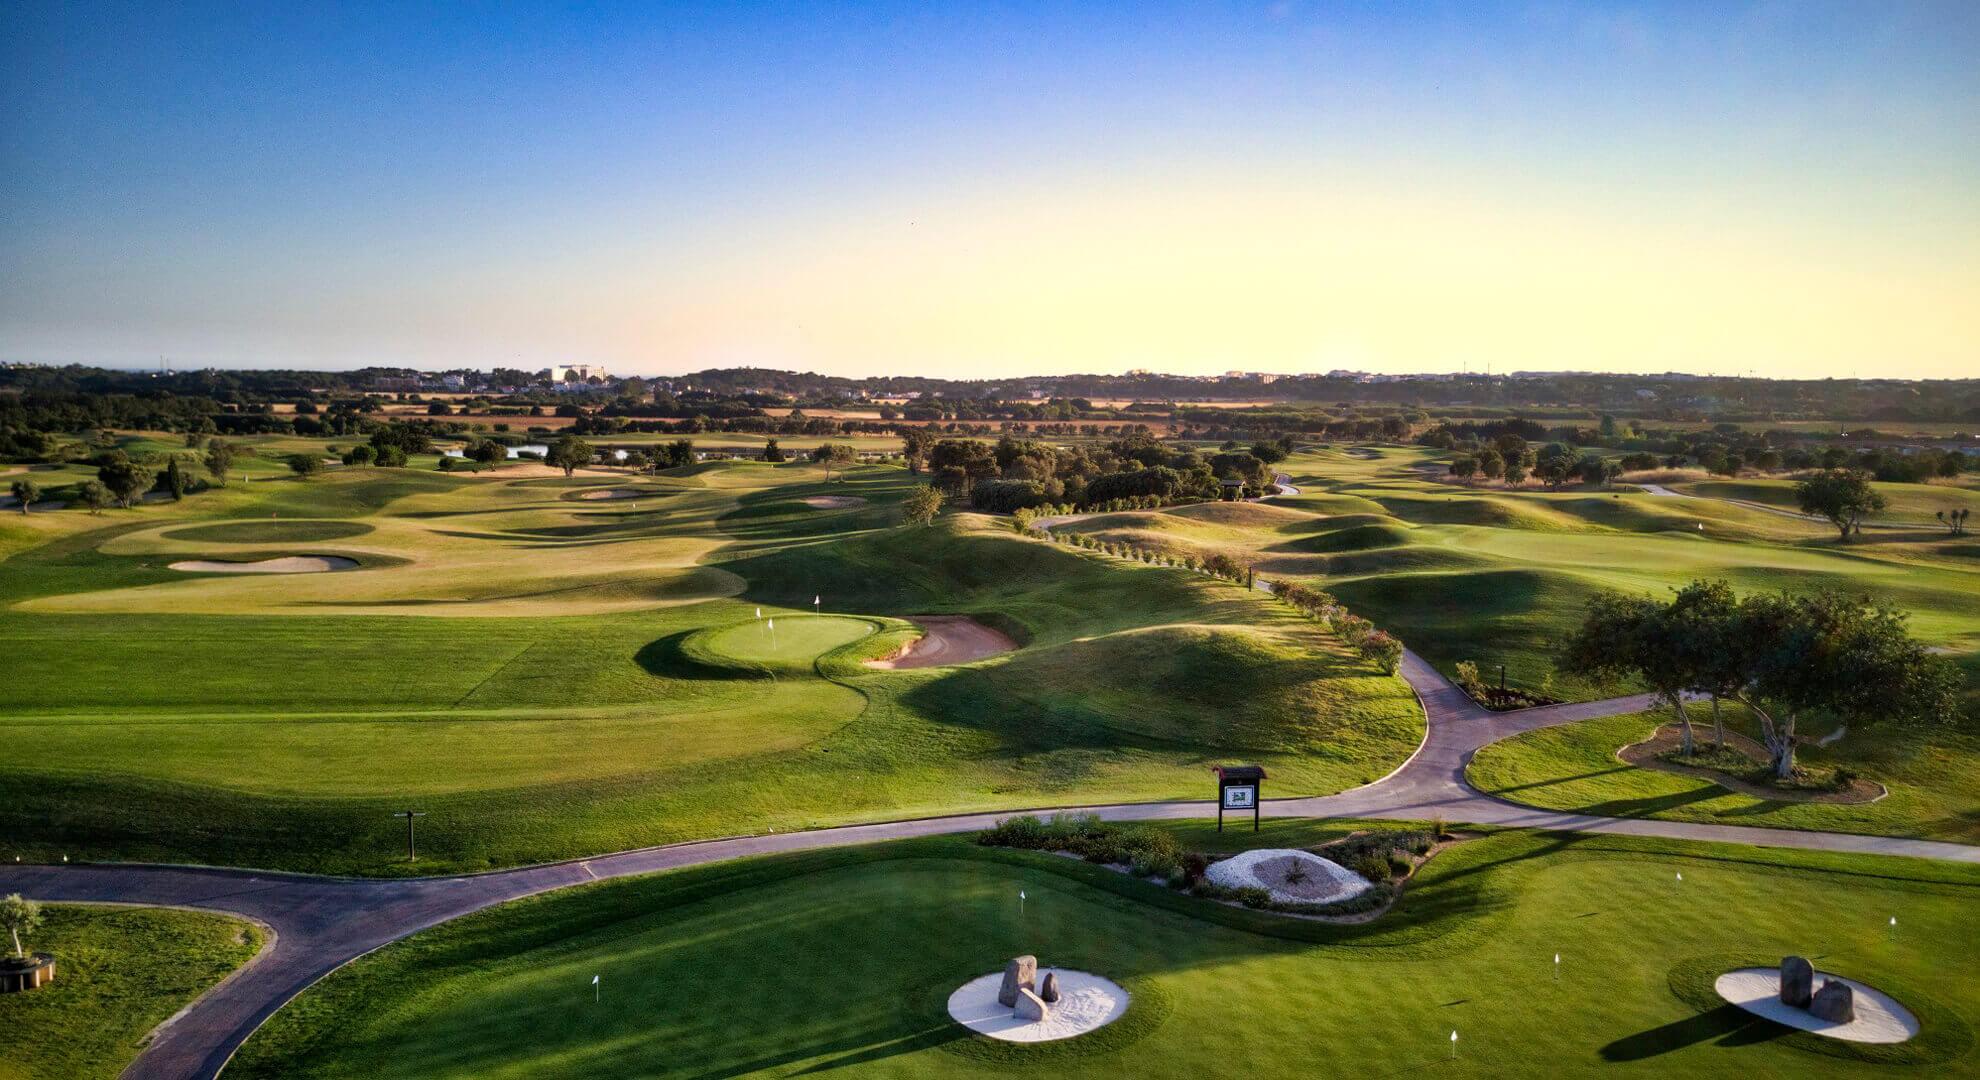 Dom Pedro Victoria Golf Club, Portugal